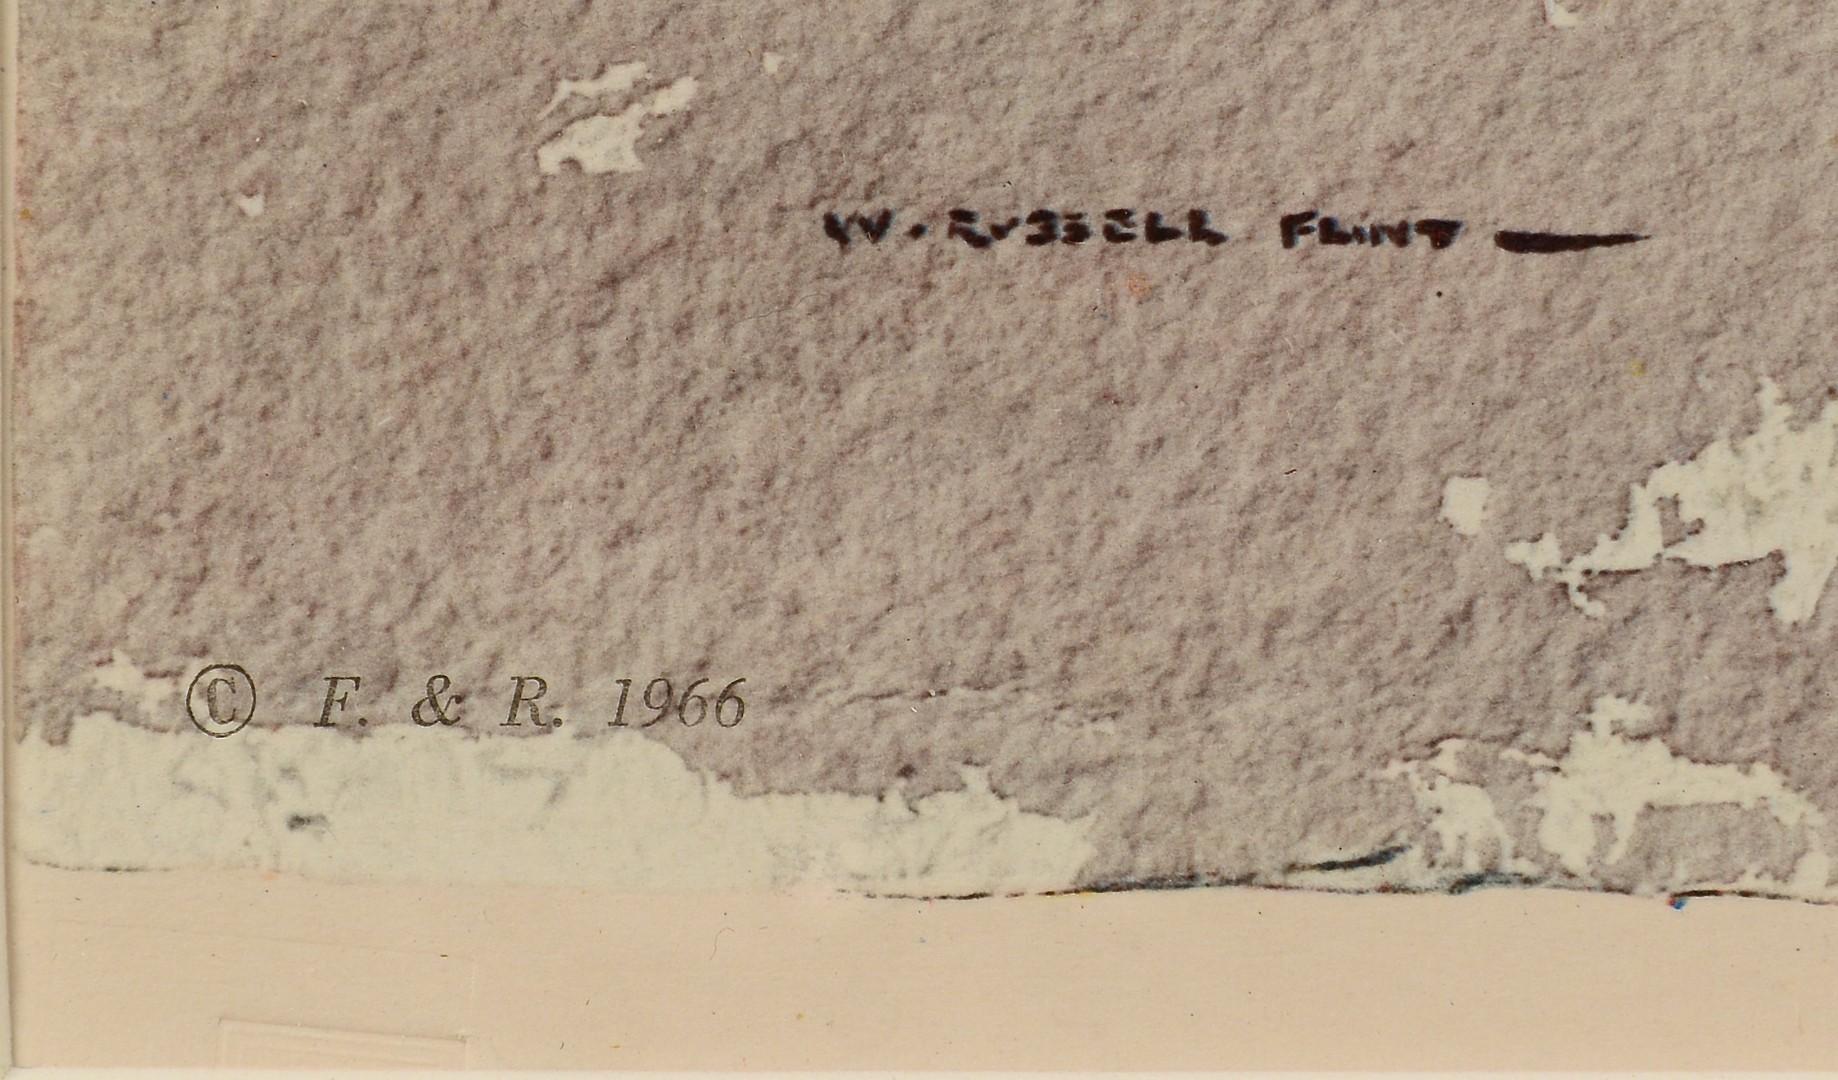 Lot 562: Sir Wm. Russell Flint Lithograph